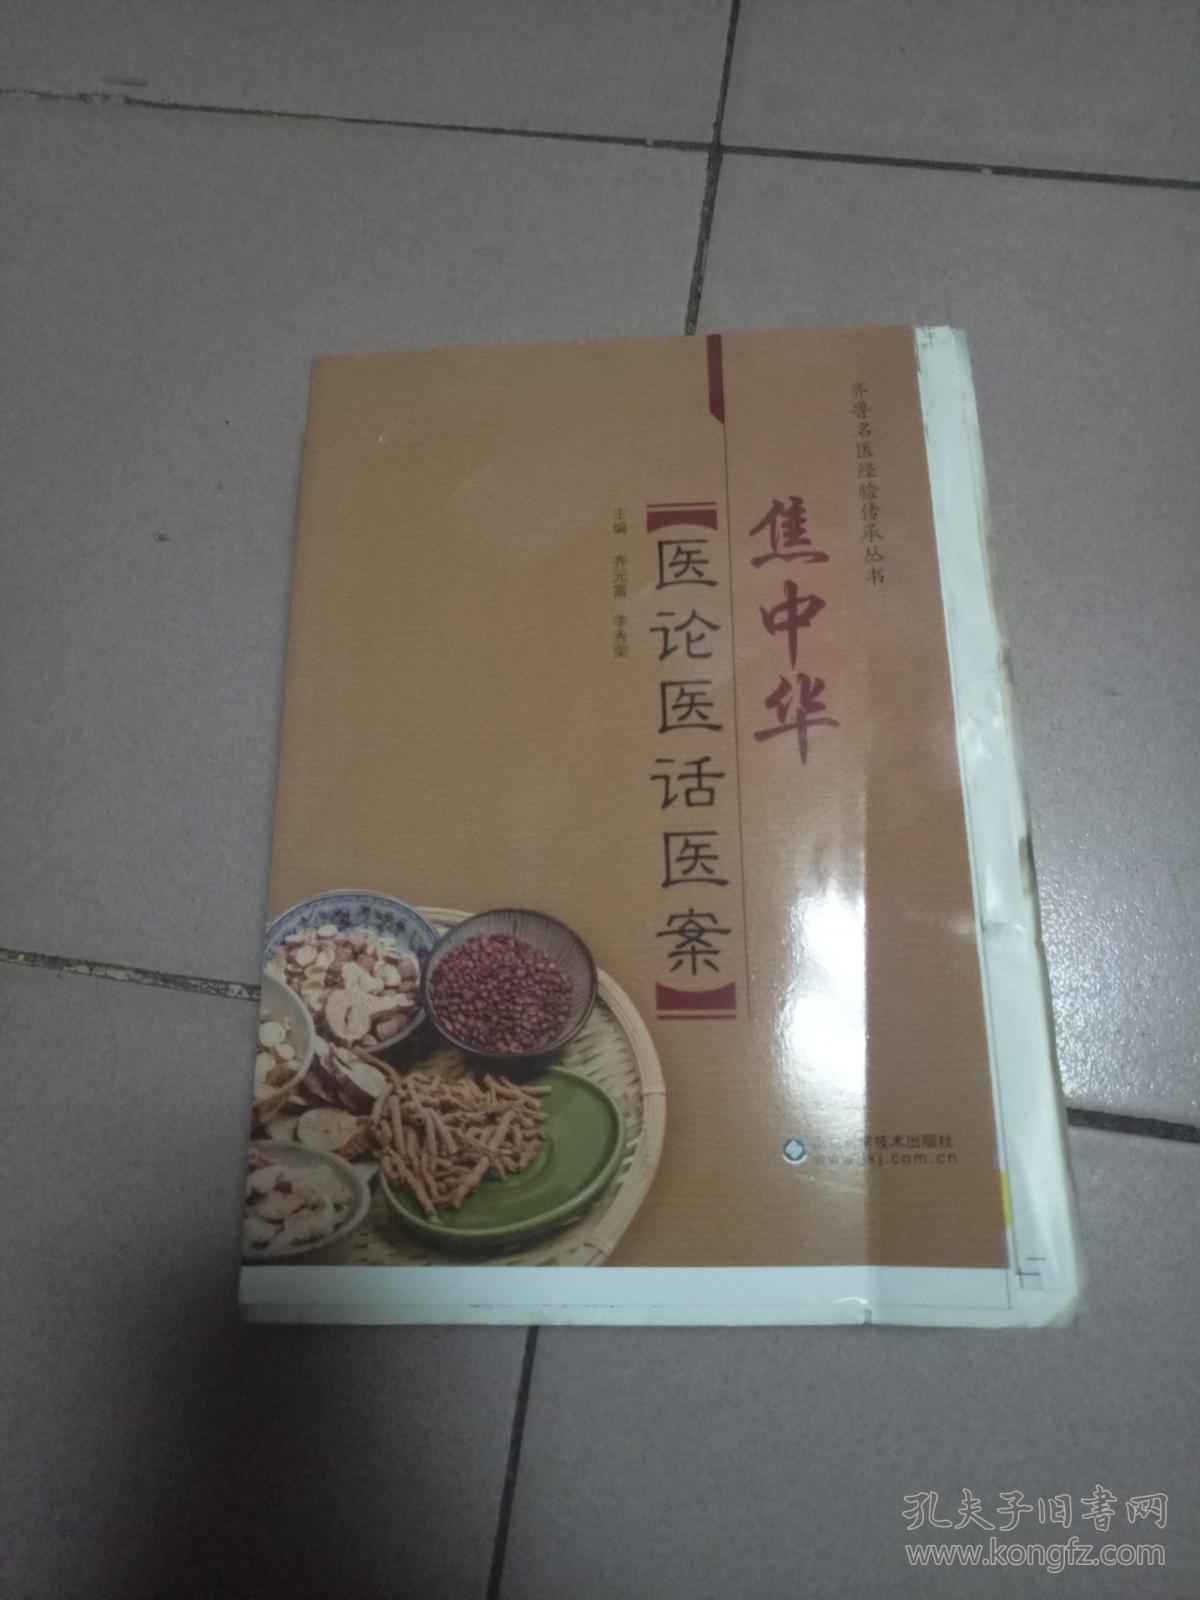 焦中华医论医话医案【毛边书·16开本·2014